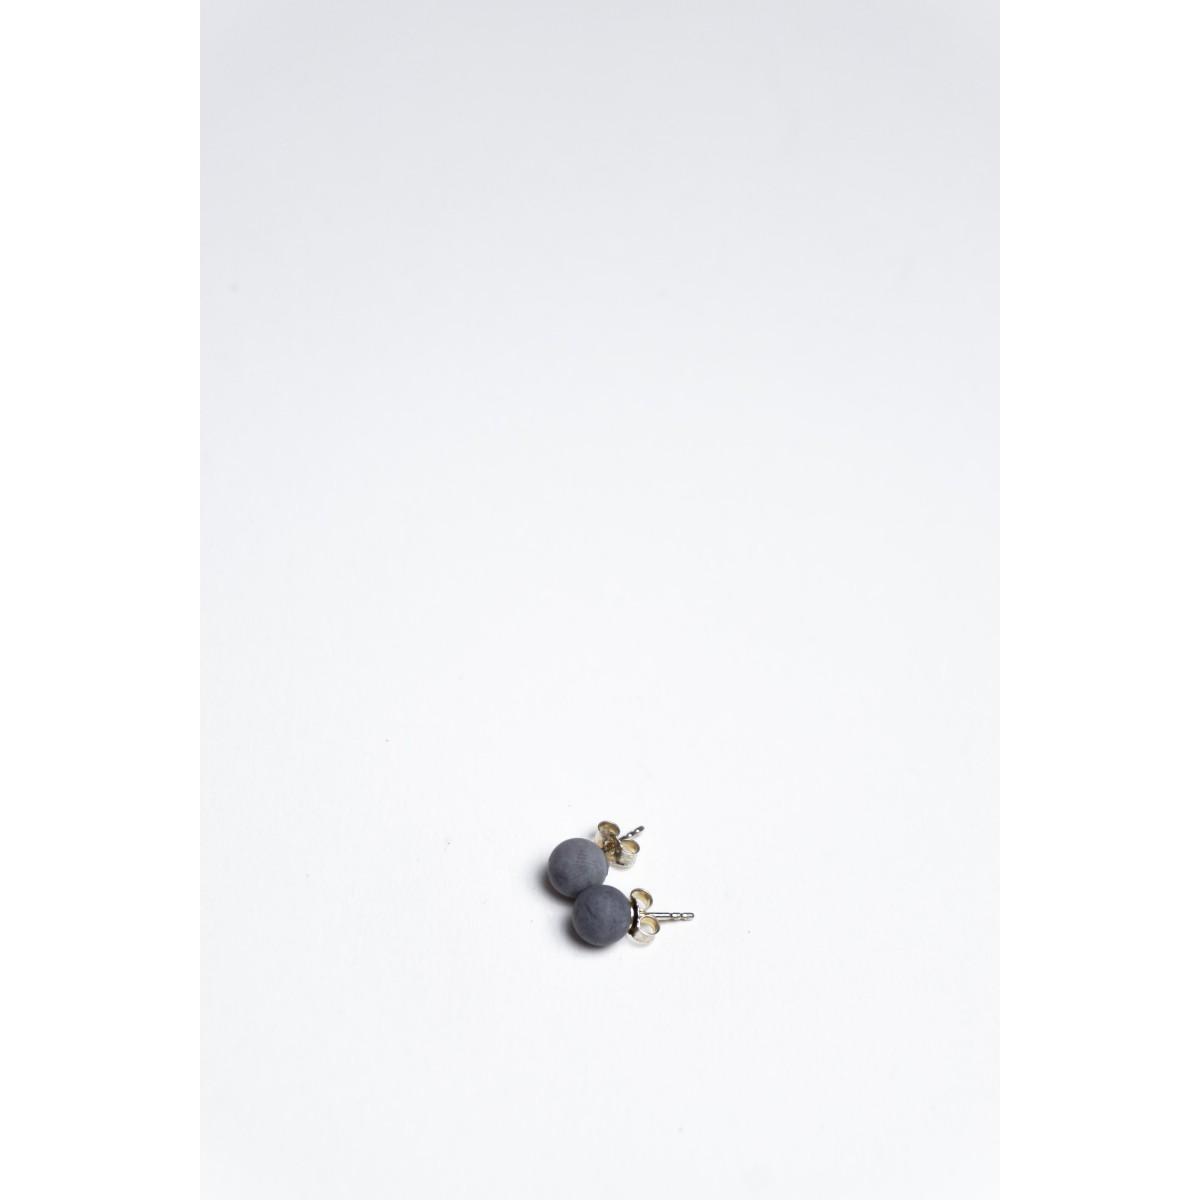 Klunkergrau | Perlenohrringe aus Beton